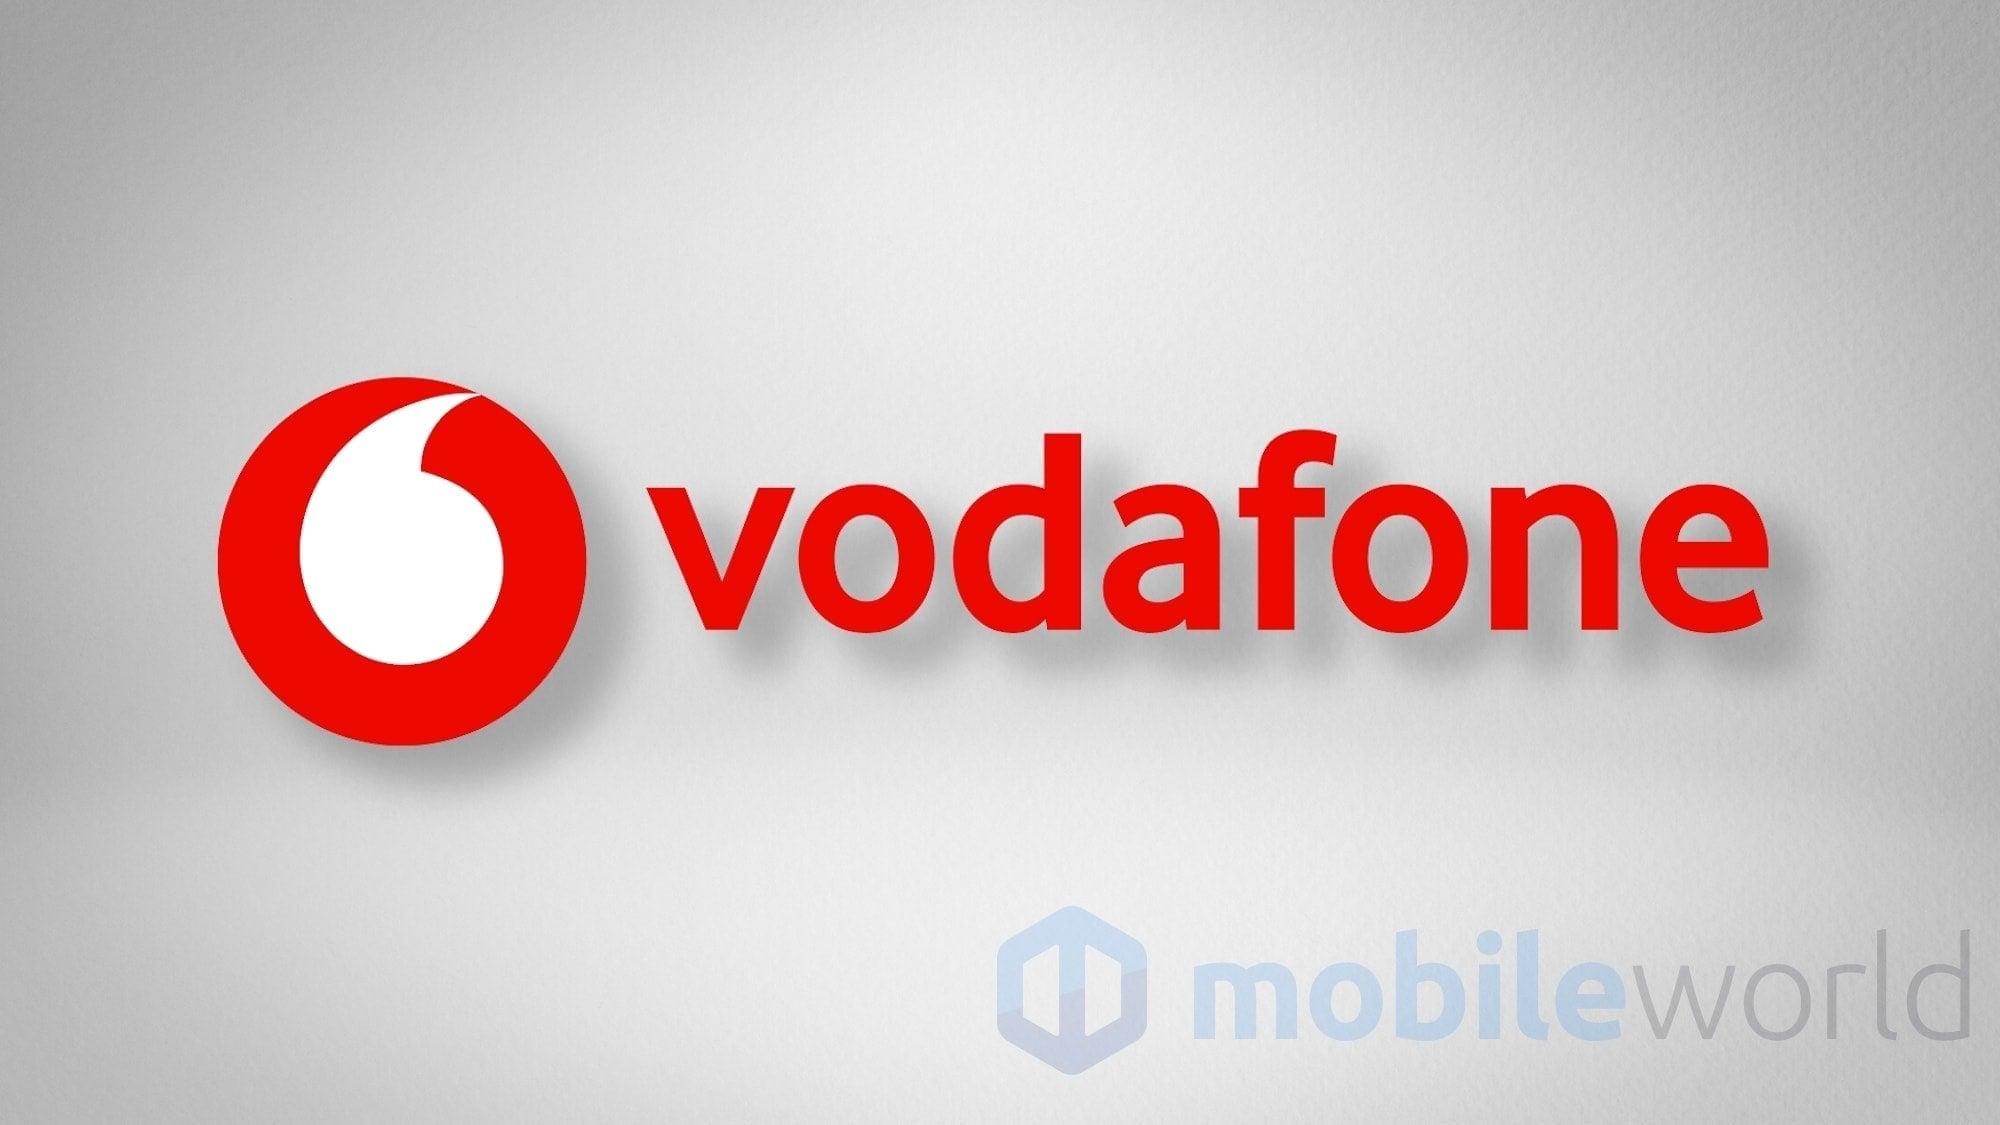 Torna in Vodafone, la campagna per alcun …